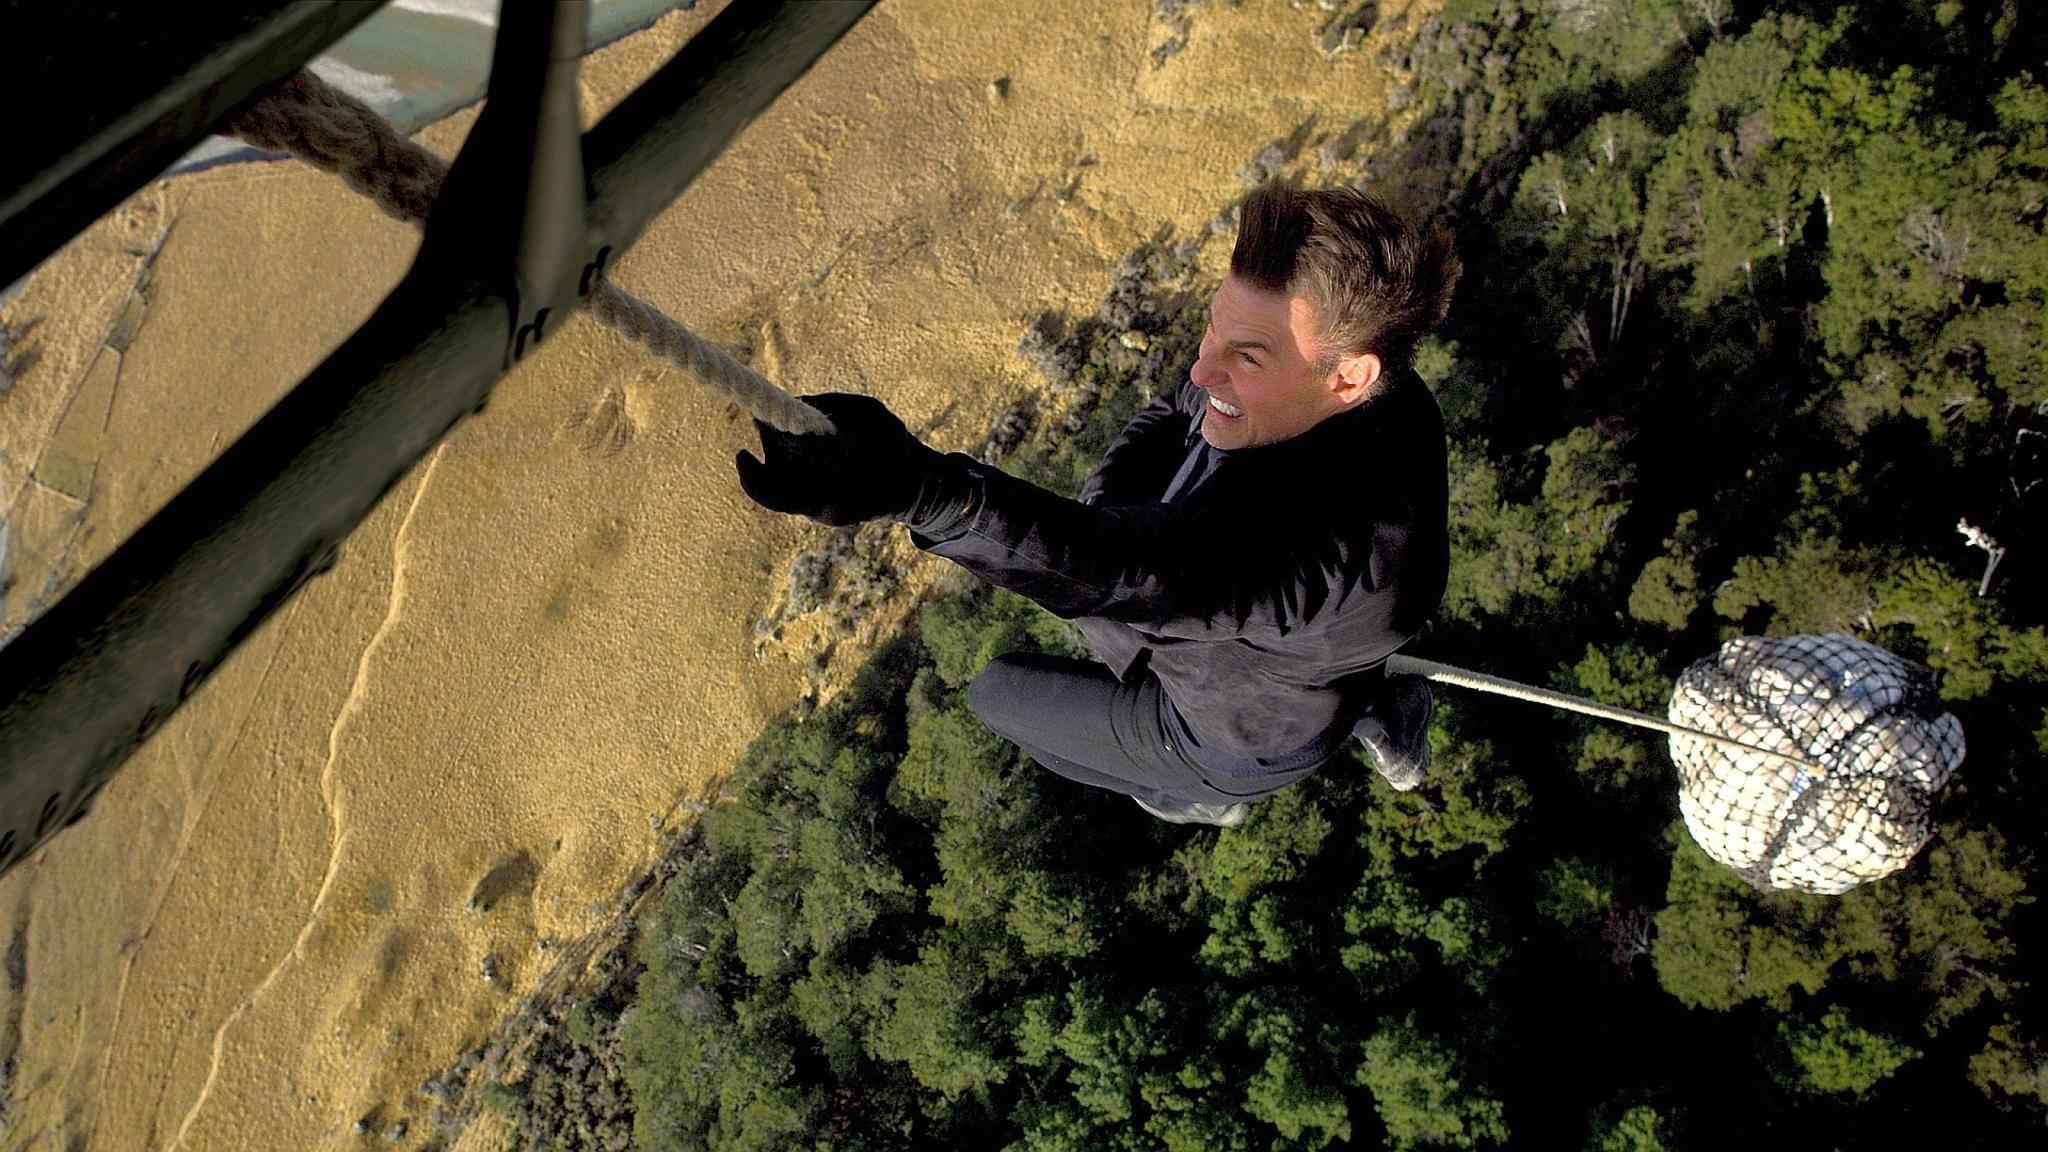 Tom is back! Auch mit Mitte 50 traut sich der Hollywoodstar an gefährliche Stunts wie diesen hier.